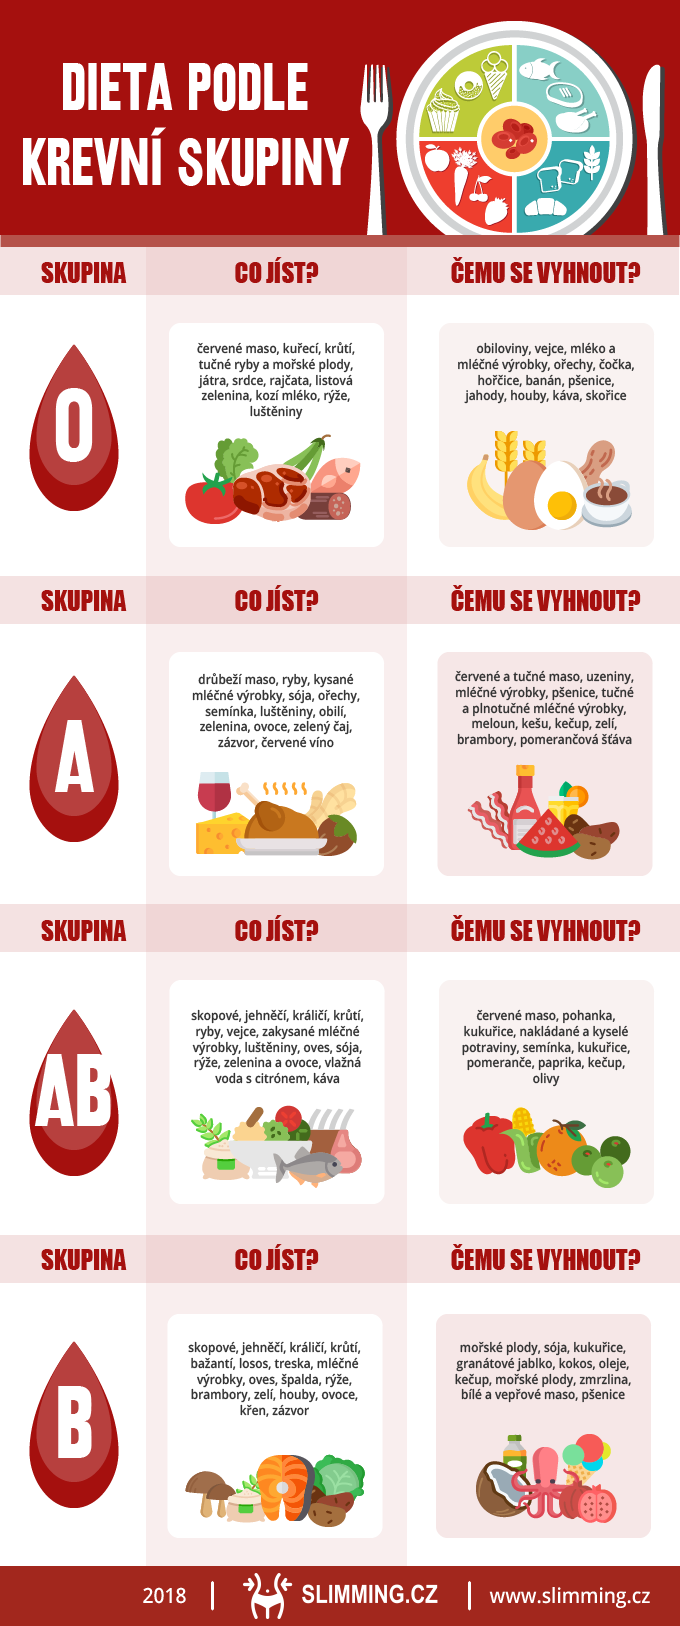 dieta podle krevních skupin infografika